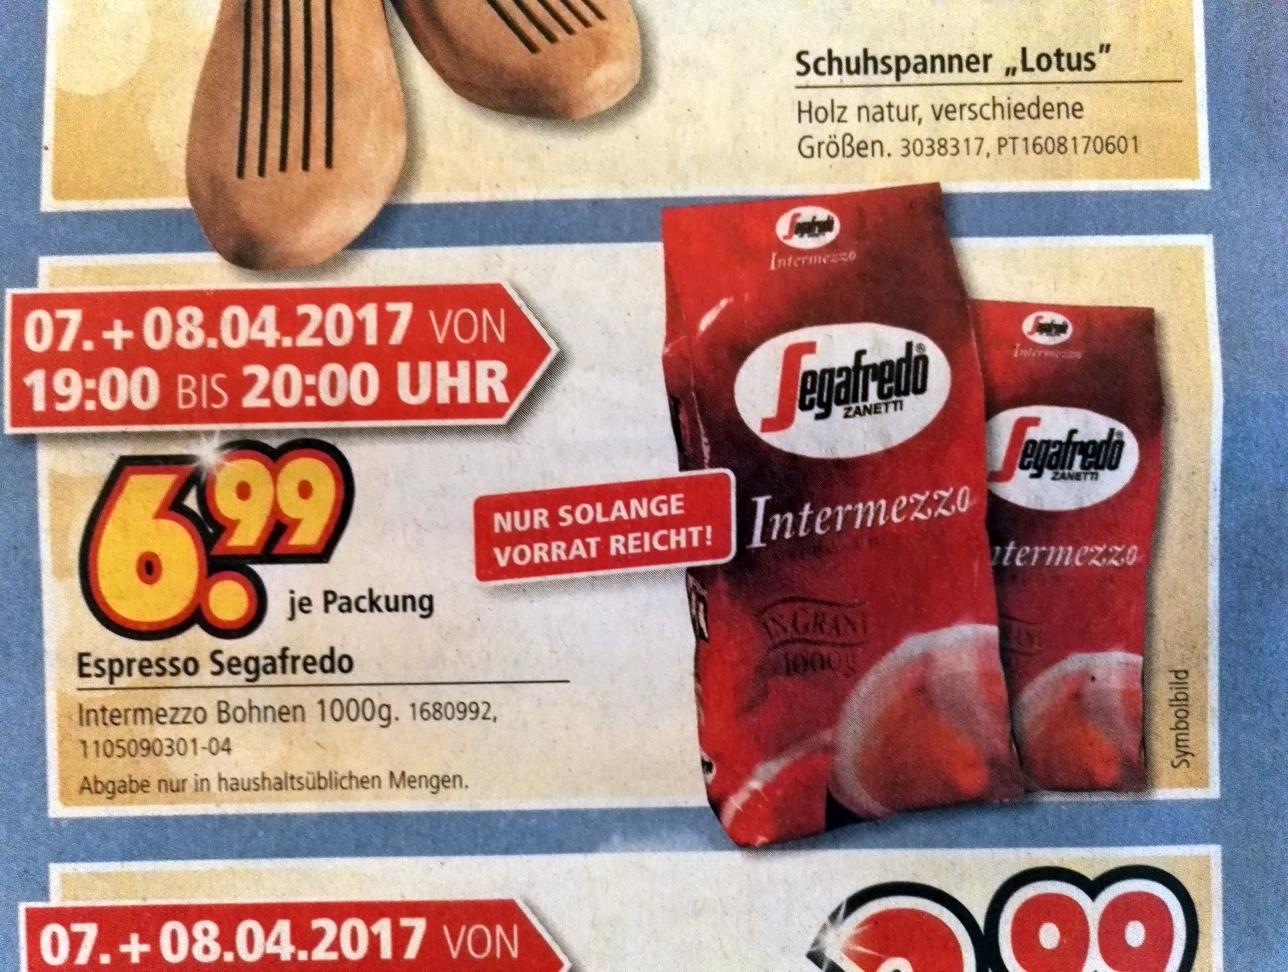 [lokal Möbel Segmüller Pulheim / Köln] 1 KG Segafredo Intermezzo für 6,99 nur am 07. + 08.04. von 19h bis 20h